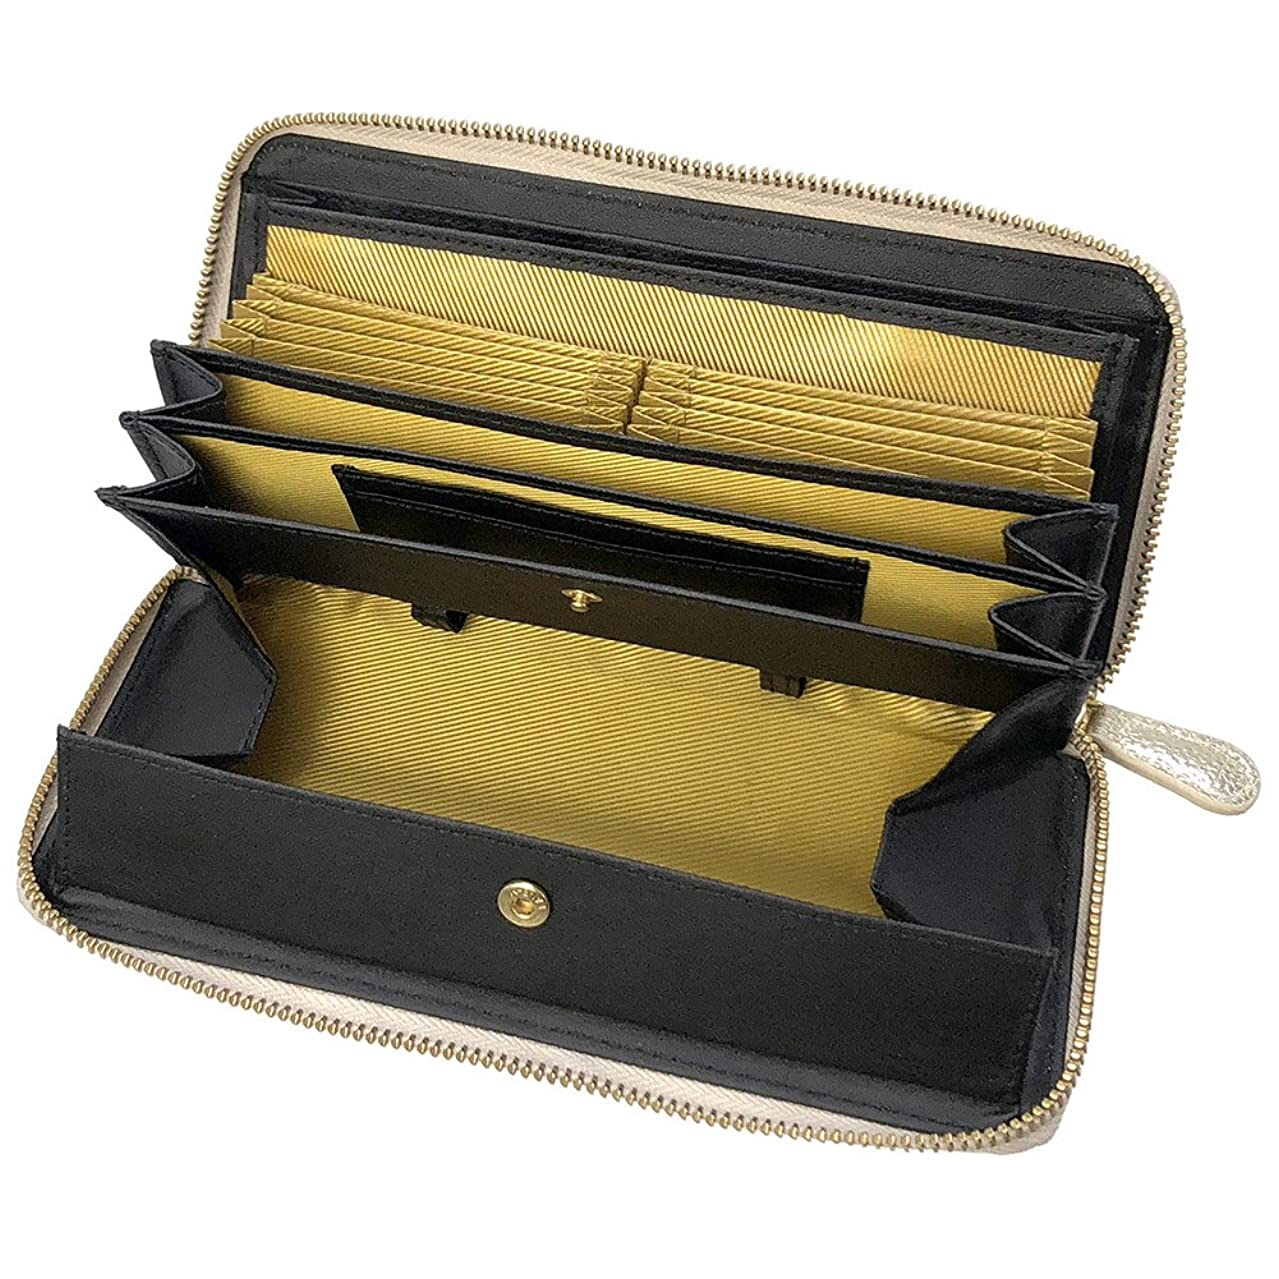 着実に考えたサイトライン牛革 レシート すっきり 長財布 【コインスルー&大容量カード収納で使いやすさ抜群】